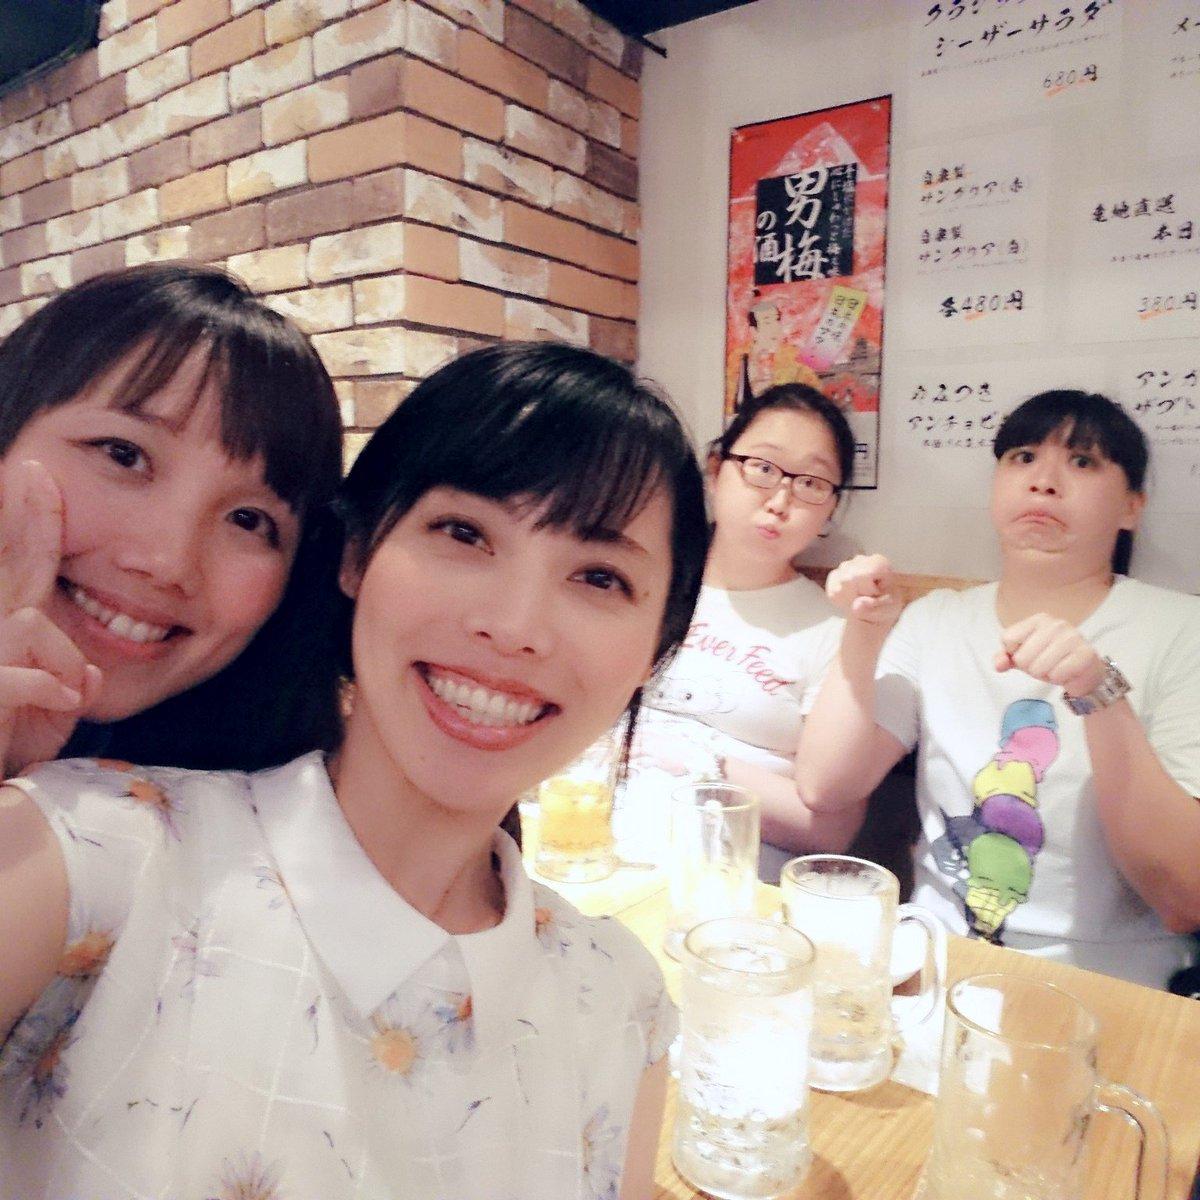 元連戦姉妹 hashtag on Twitter